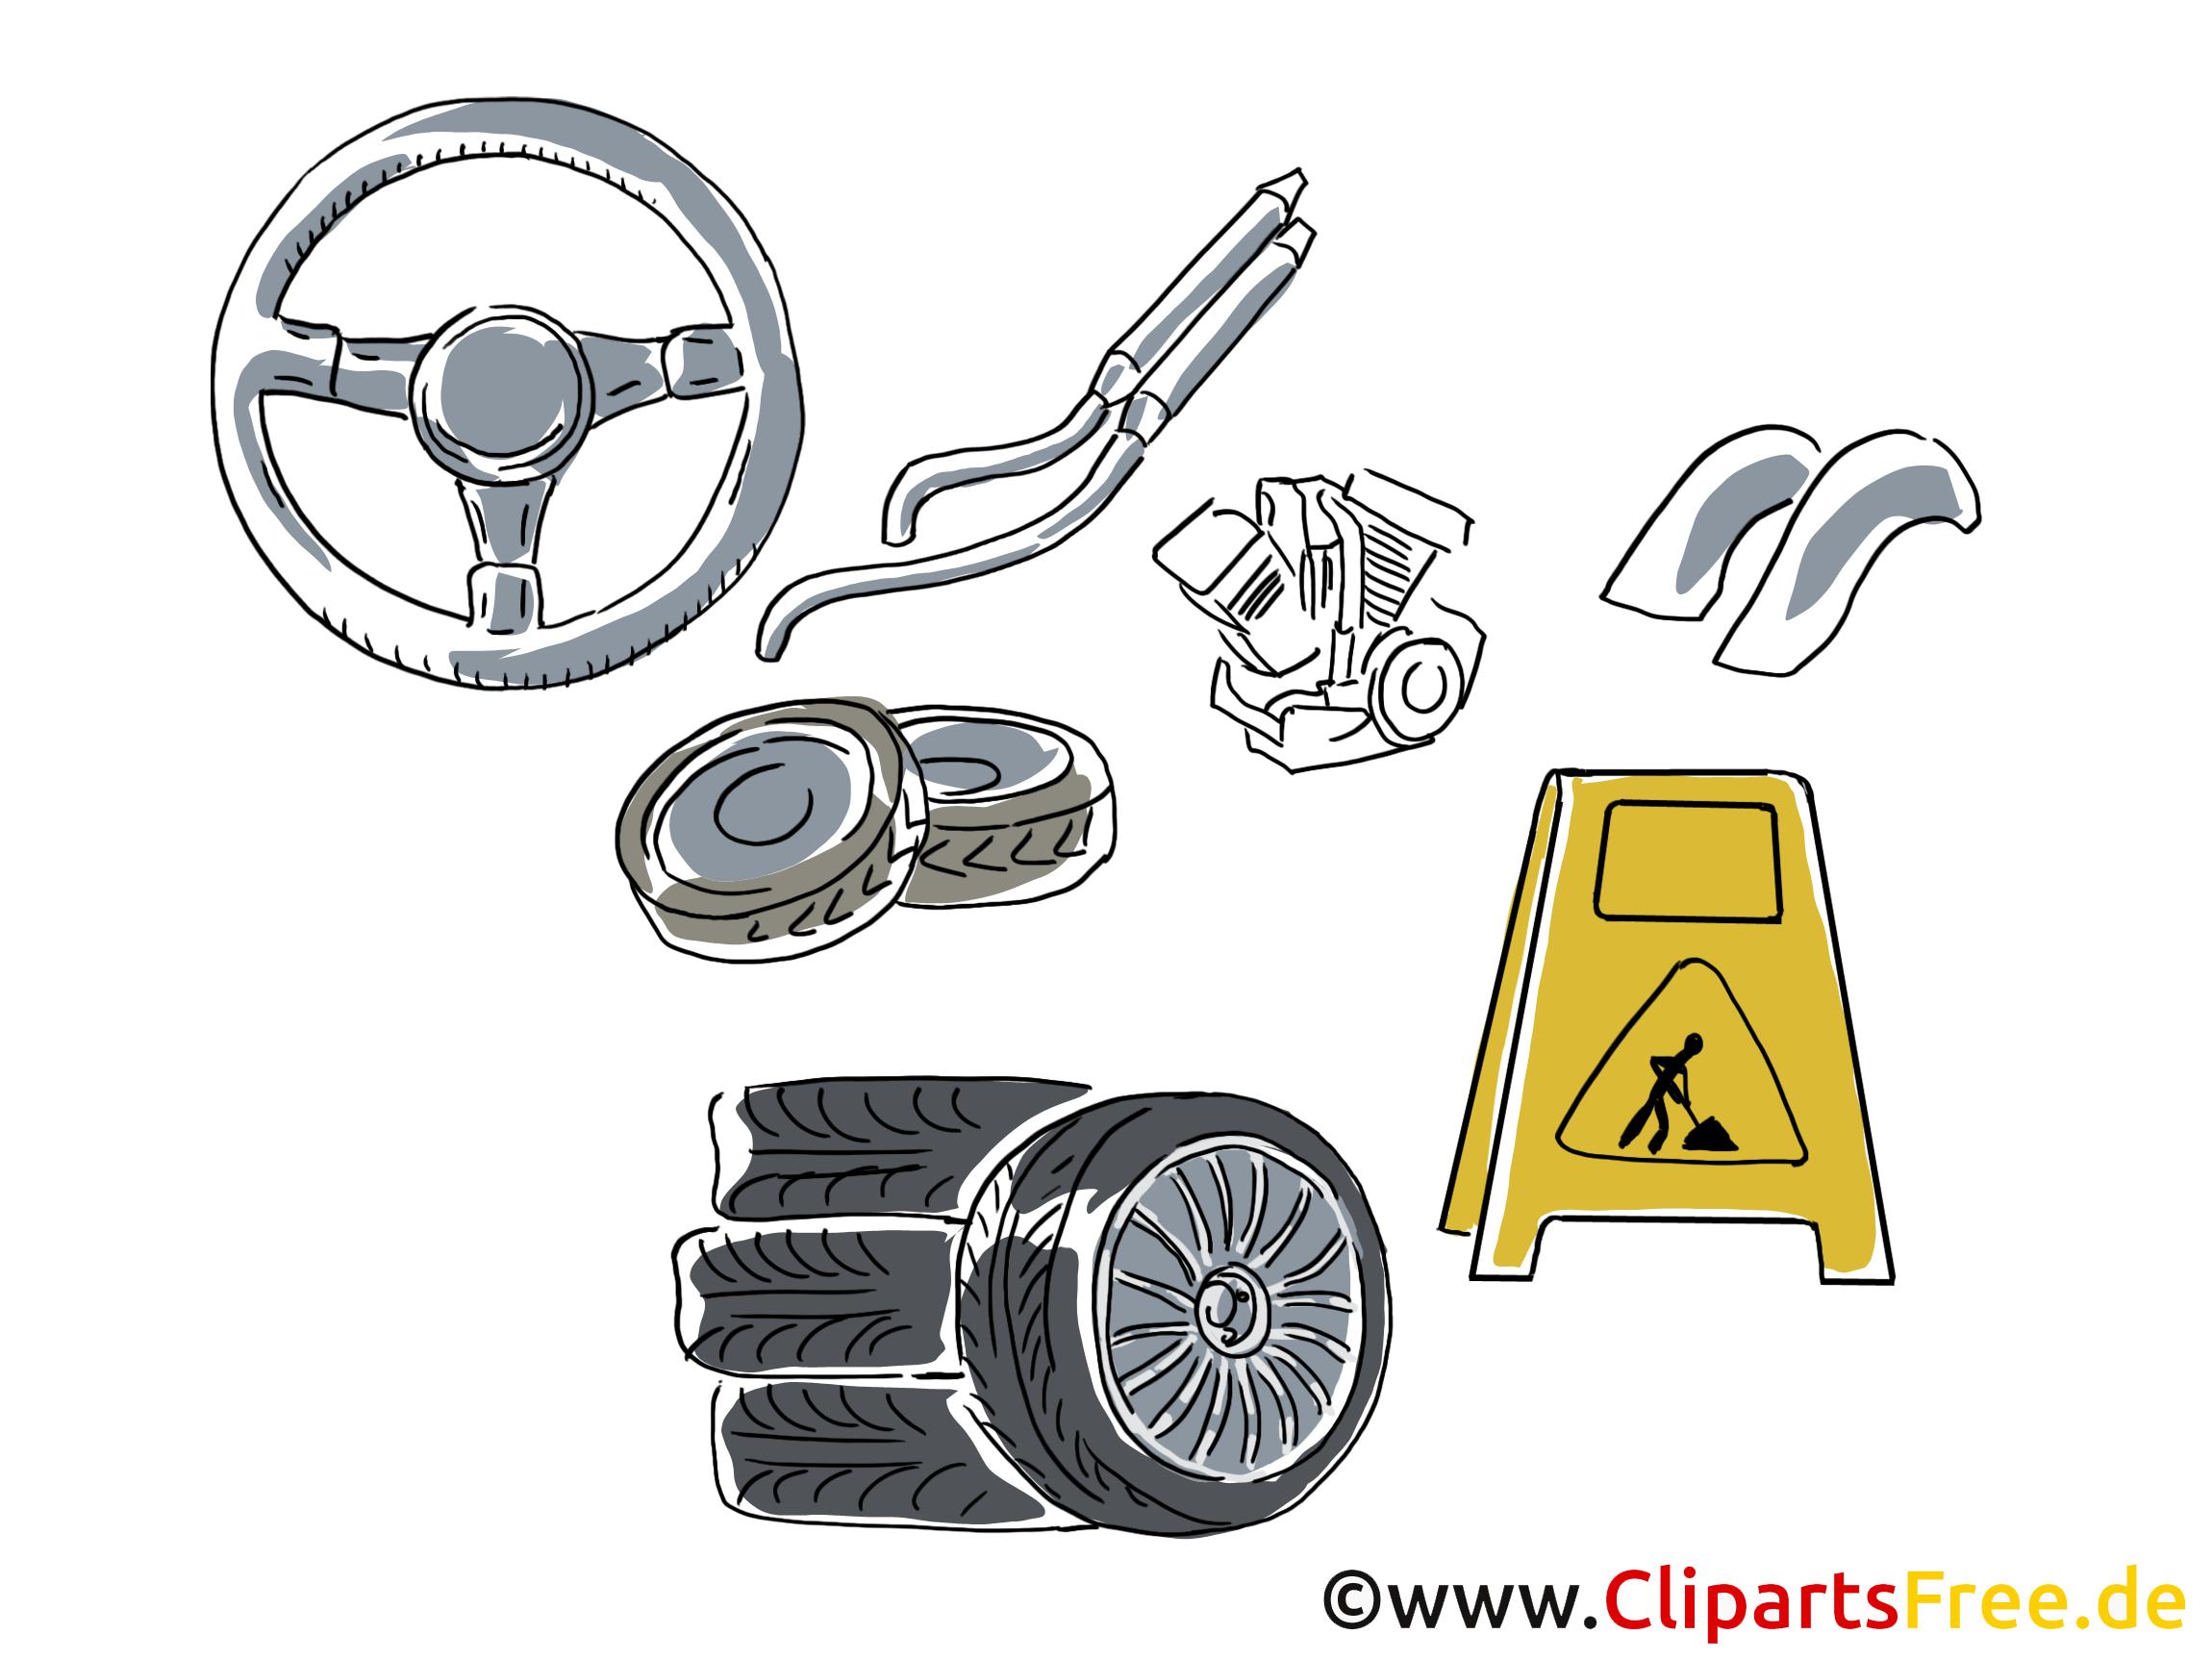 Automobile clip art – Fonds d'écran gratuite